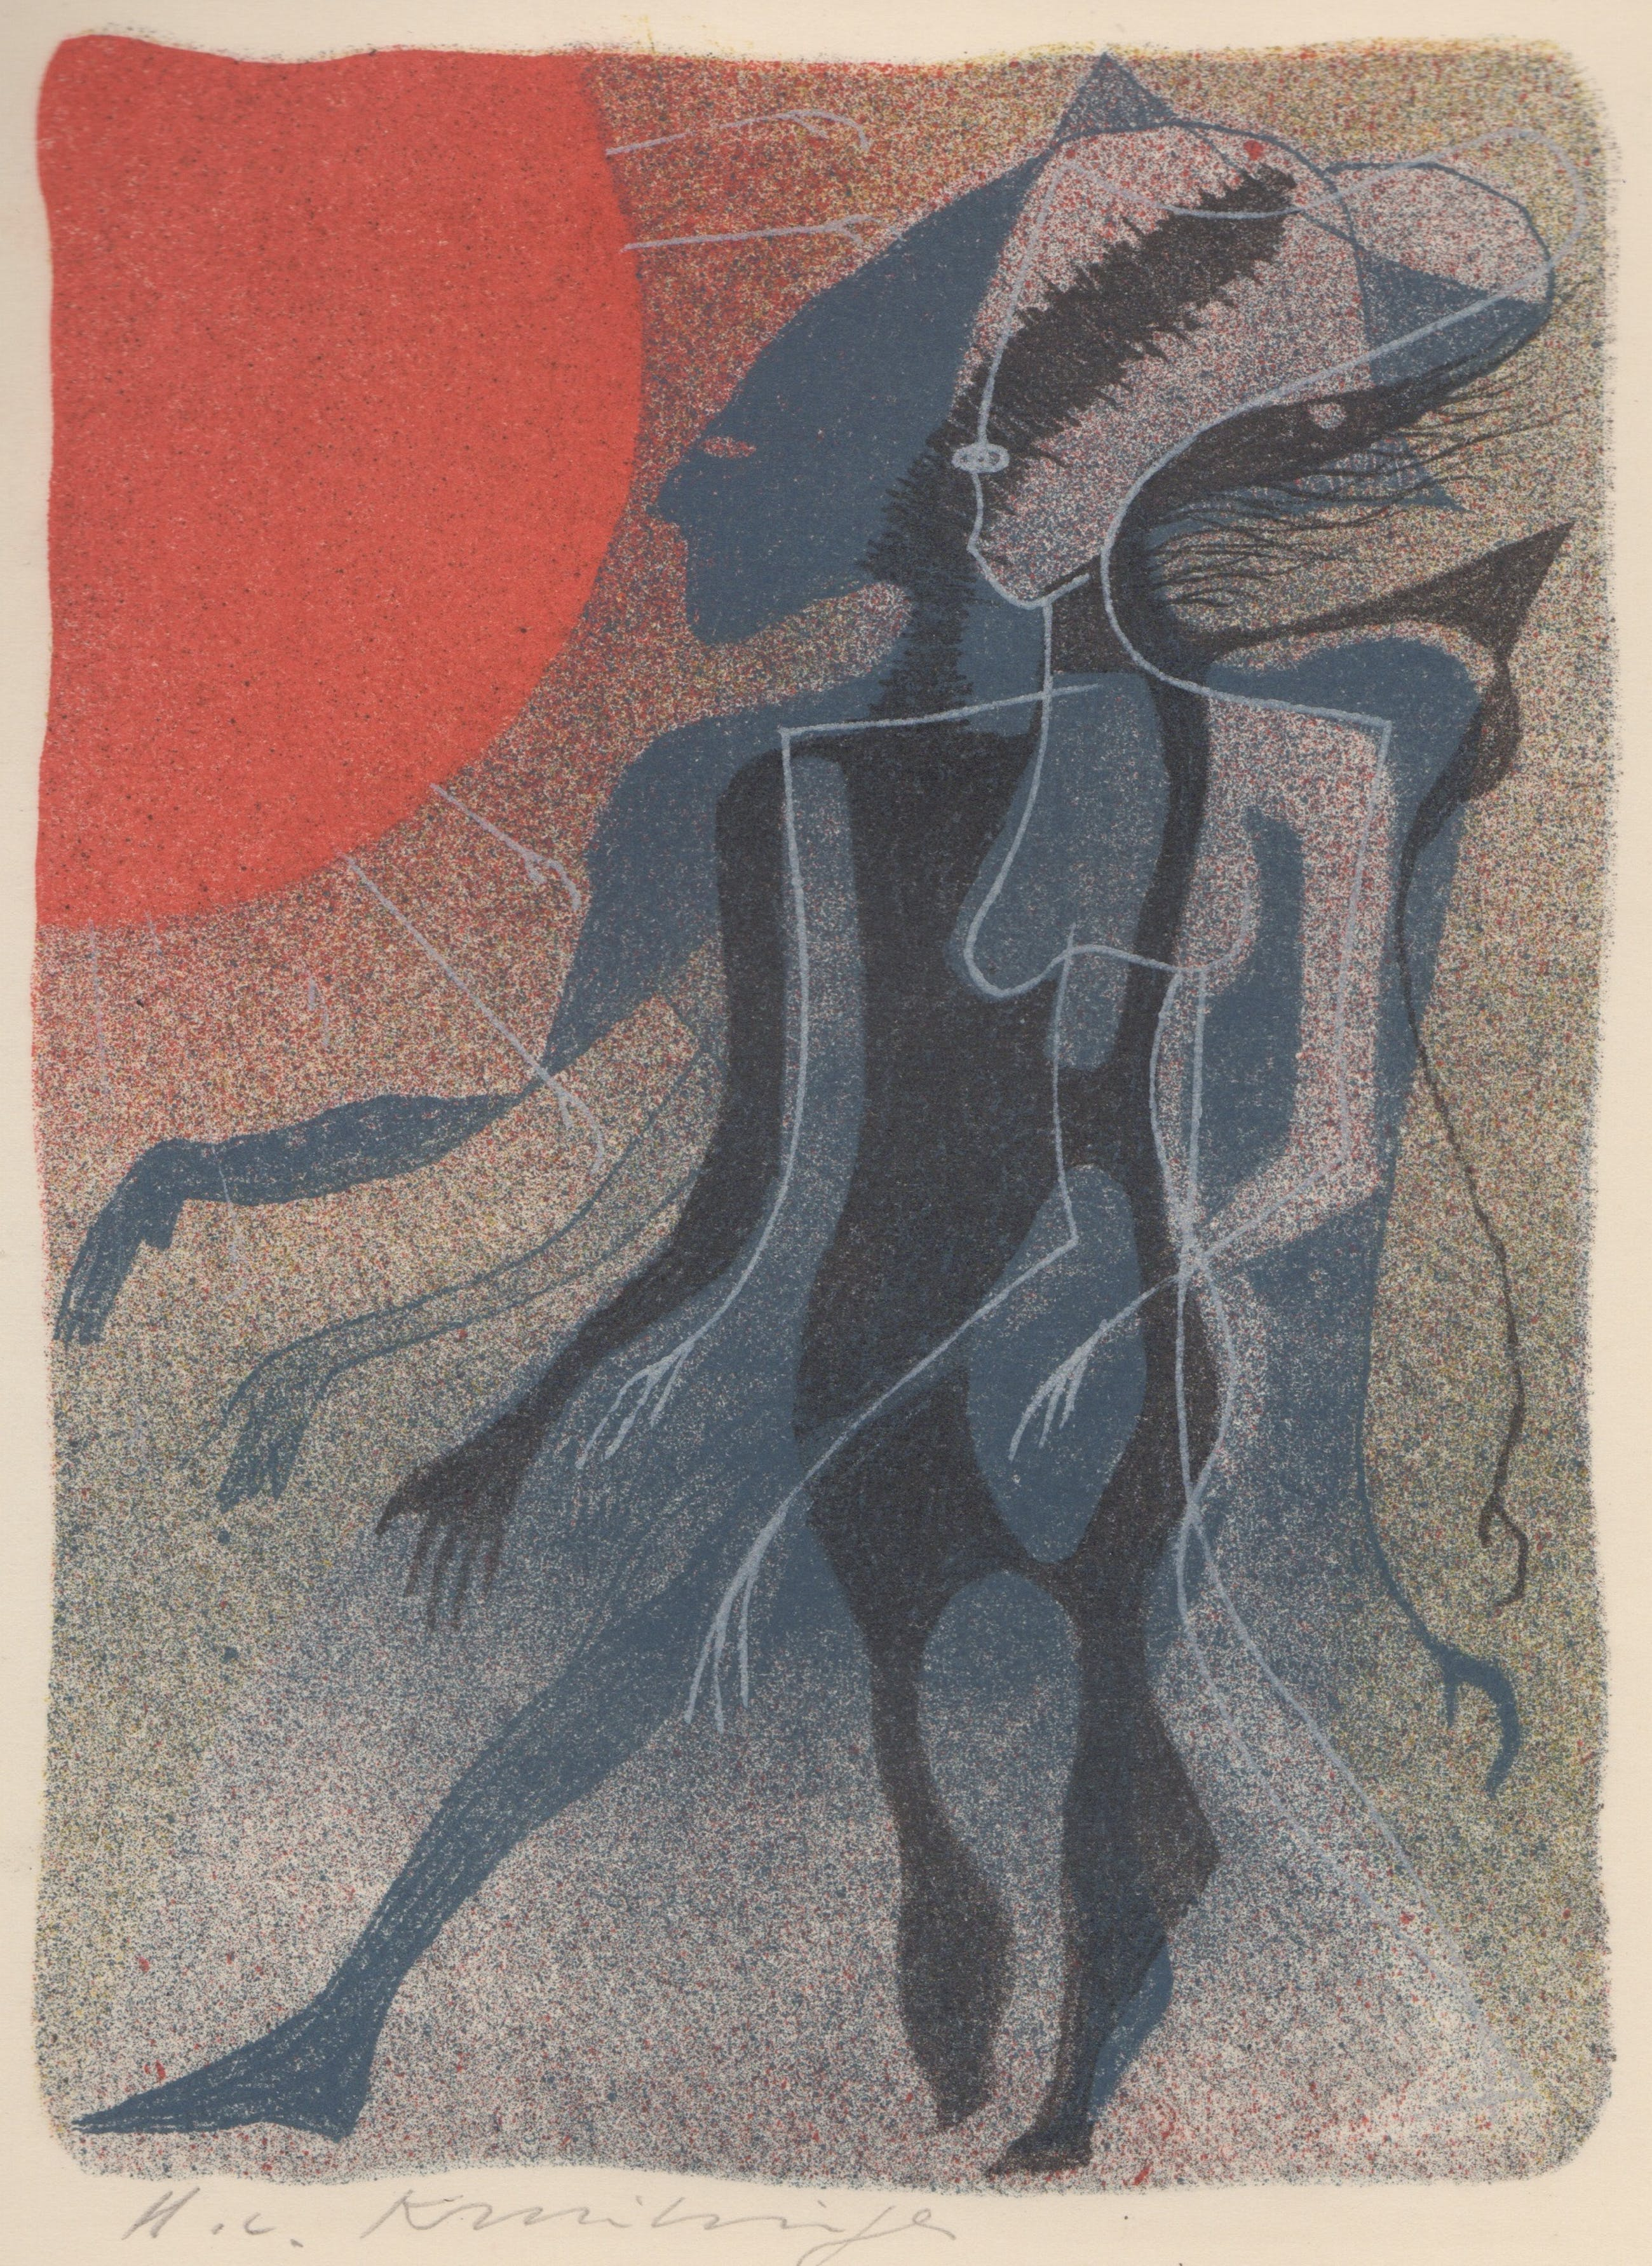 Harry van Kruiningen - kleurenlitho - 'Achnaton' - 1953 kopen? Bied vanaf 49!